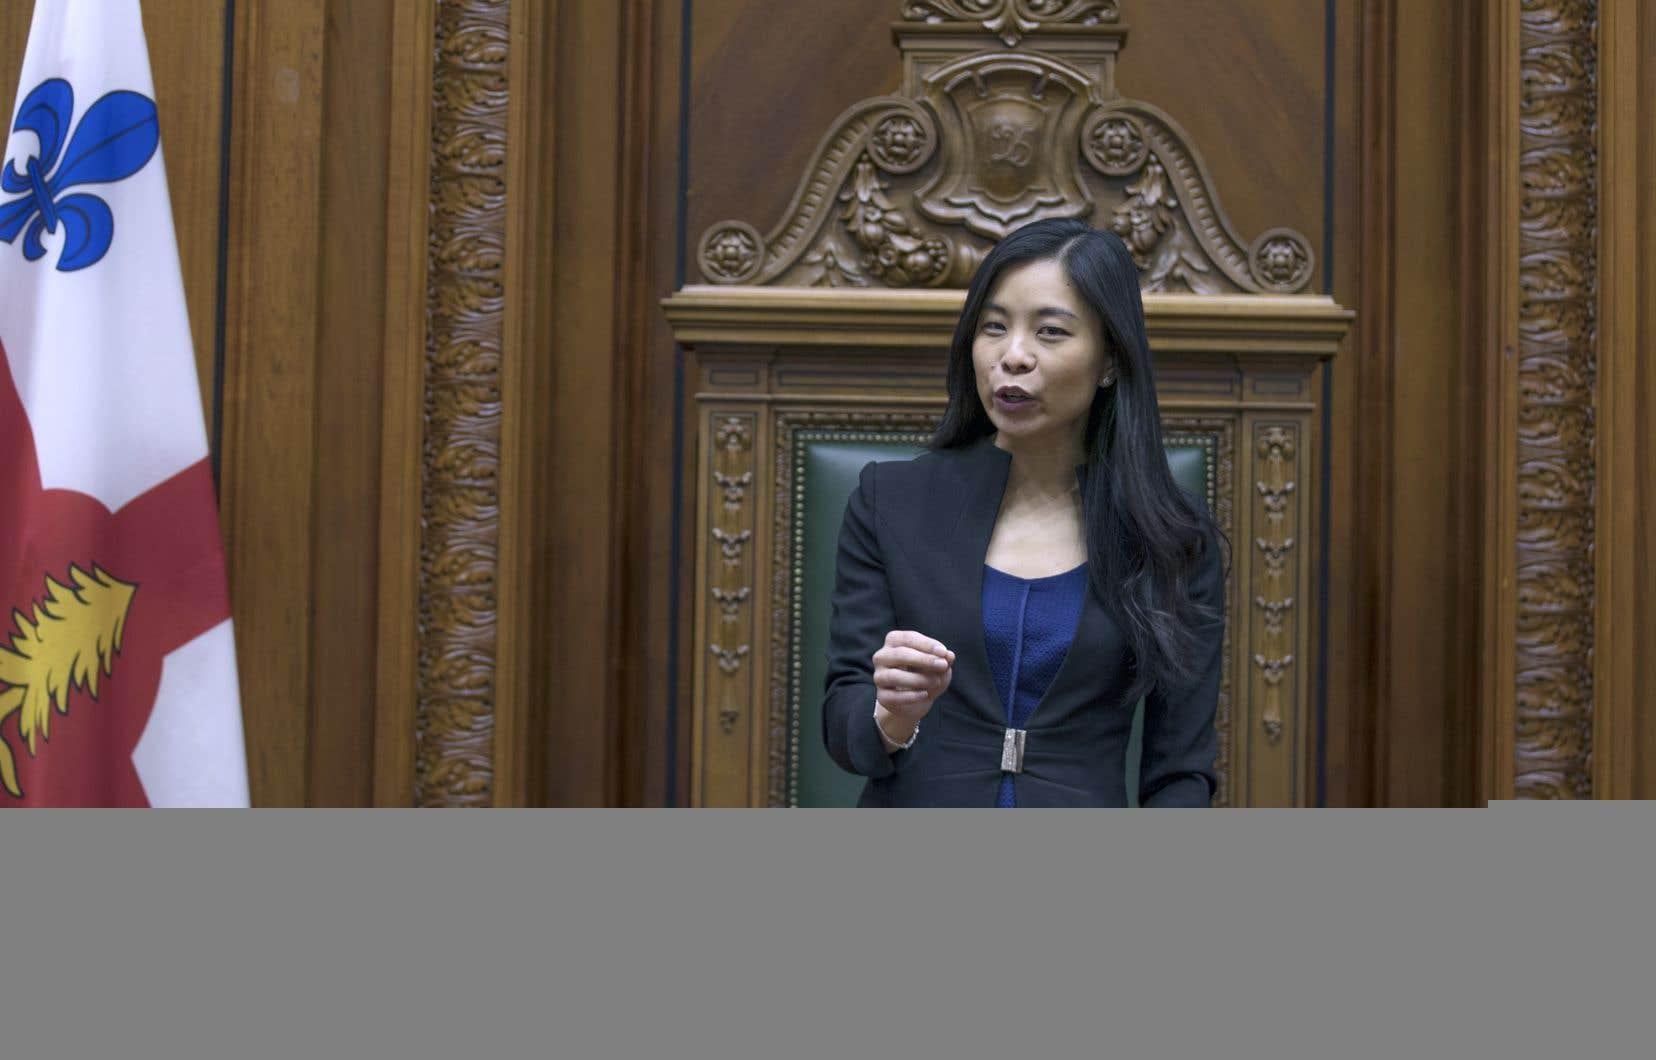 L'arrivée de Cathy Wong à Projet Montréal porte à 52 le nombre d'élus que compte désormais le parti au pouvoir.